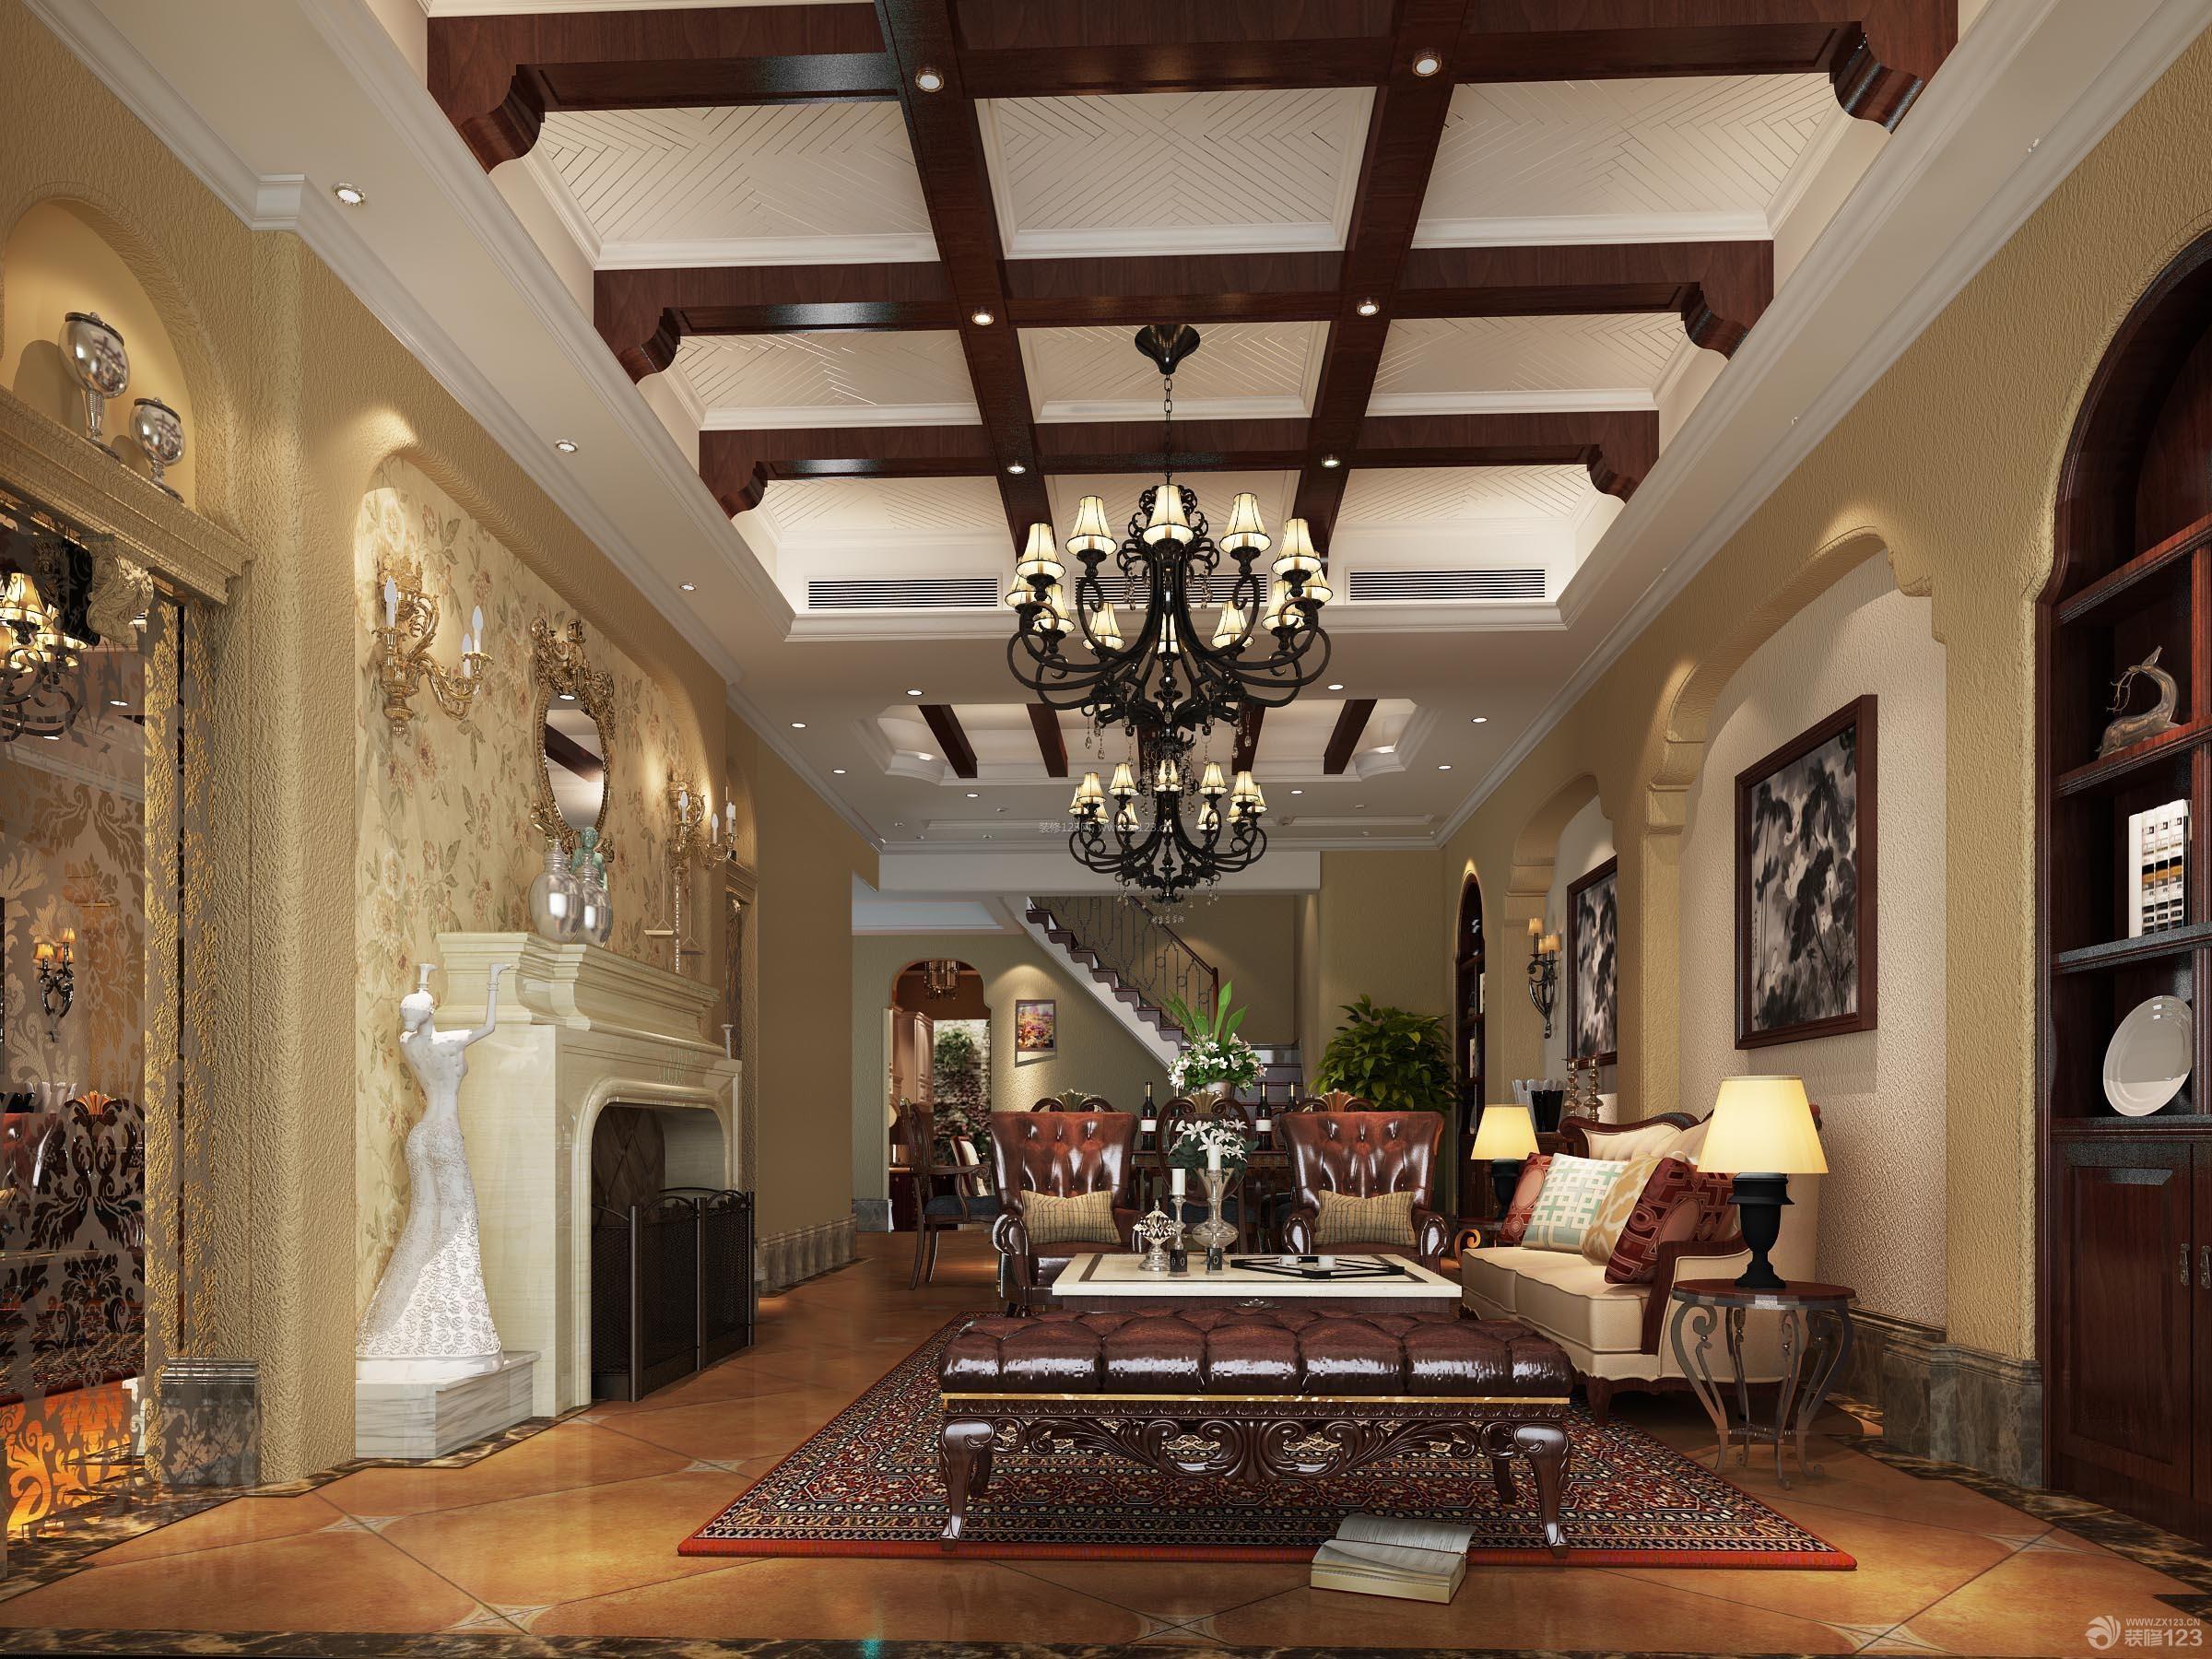 客厅豪华别墅装修效果图图片